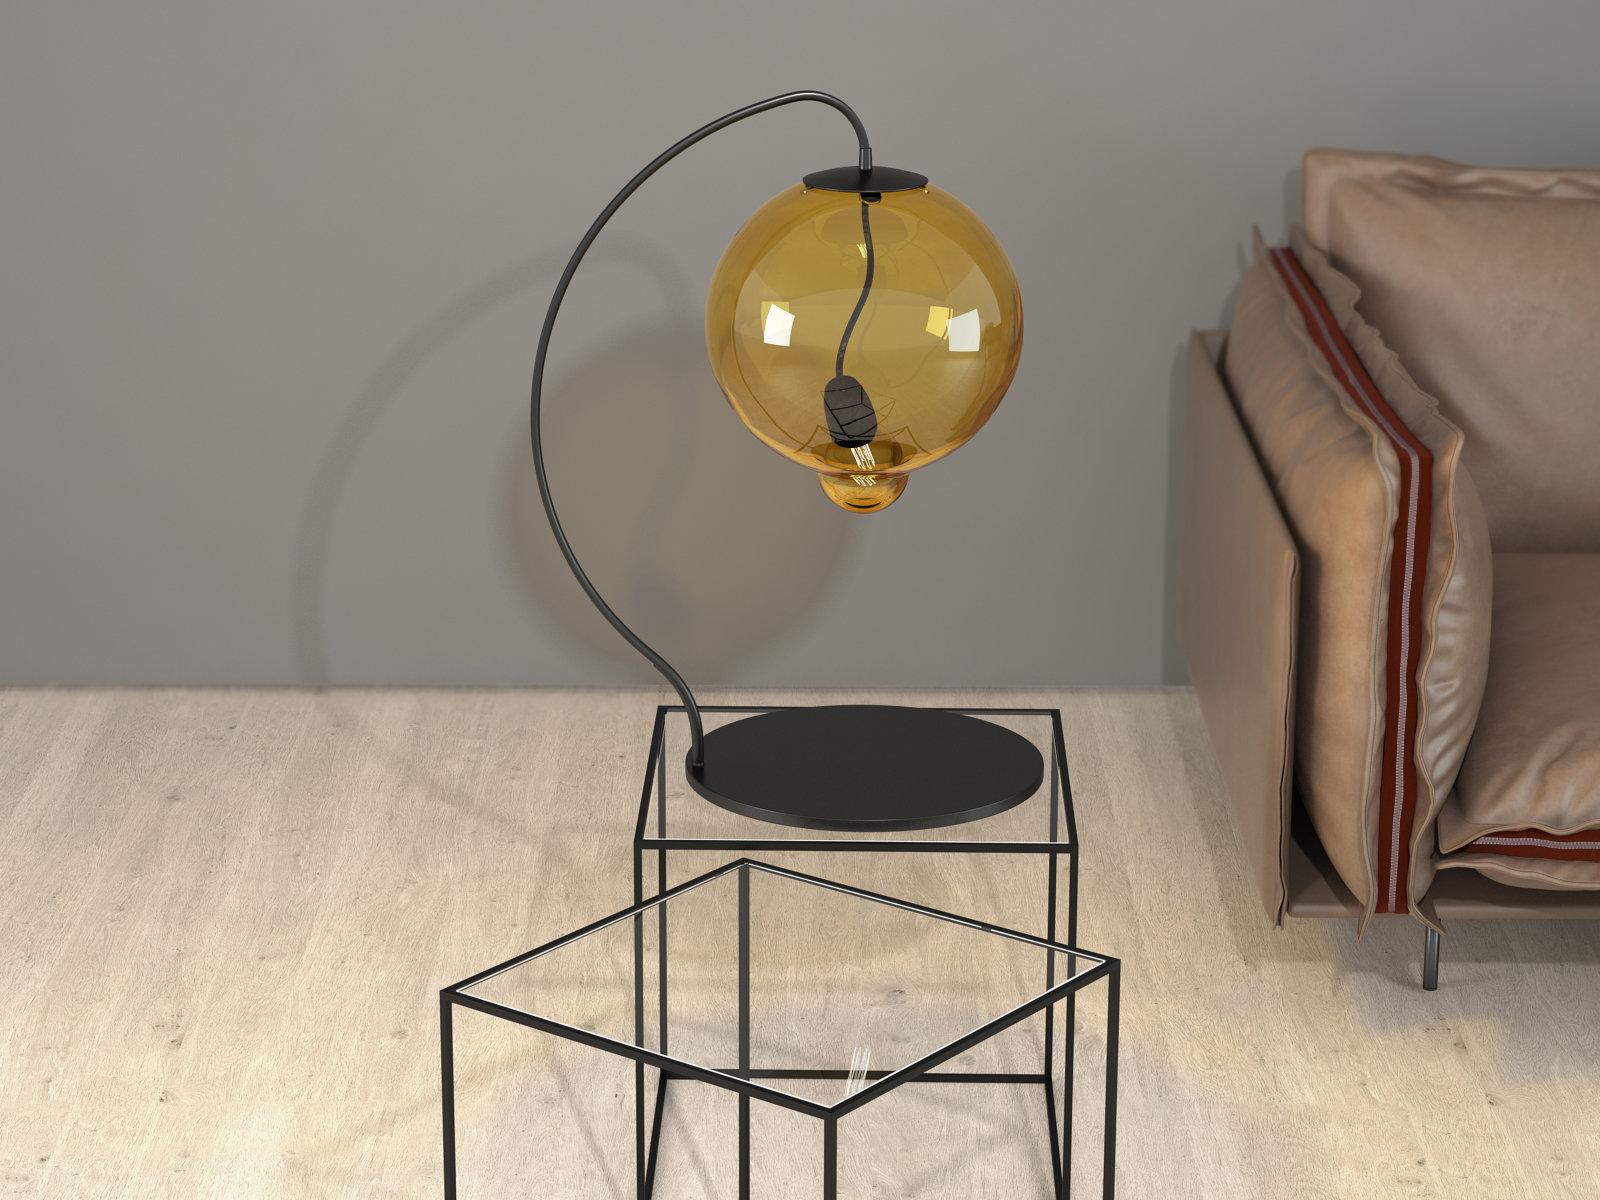 Meltdown table lamp 3d model cappellini for Design table lamp giffy 17 7